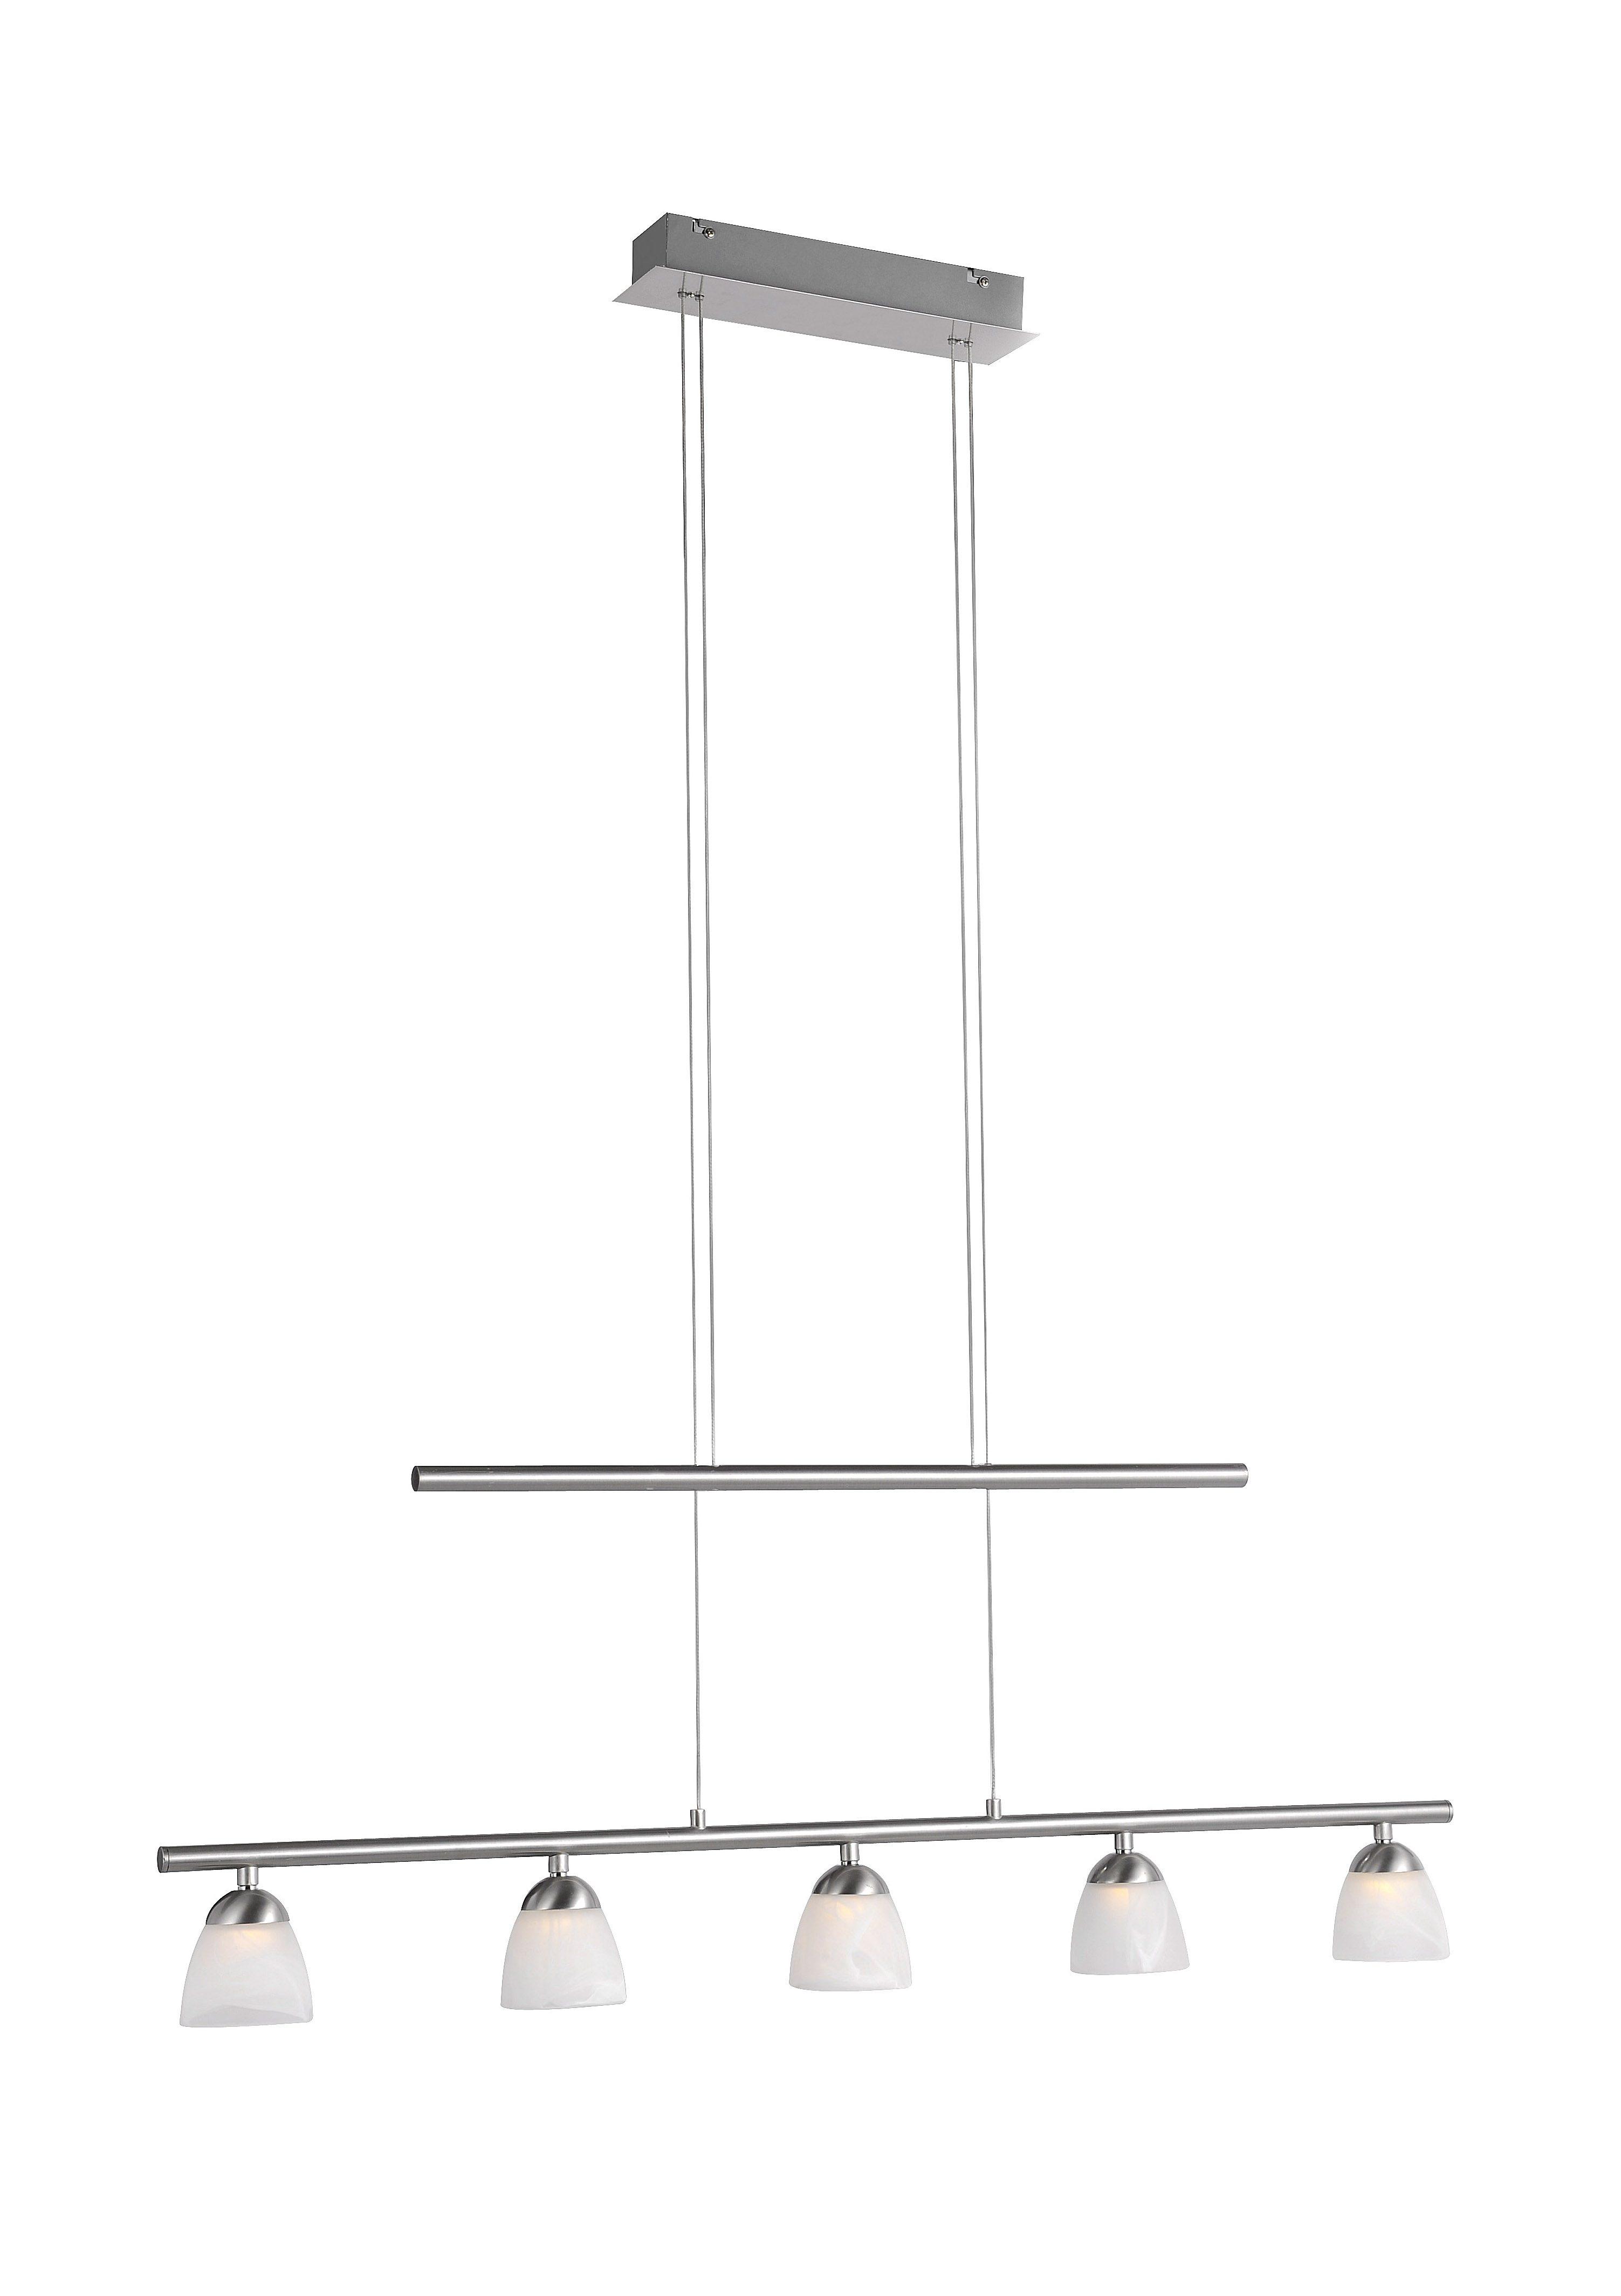 LED-Pendellampe, Leuchten Direkt (5flg.)